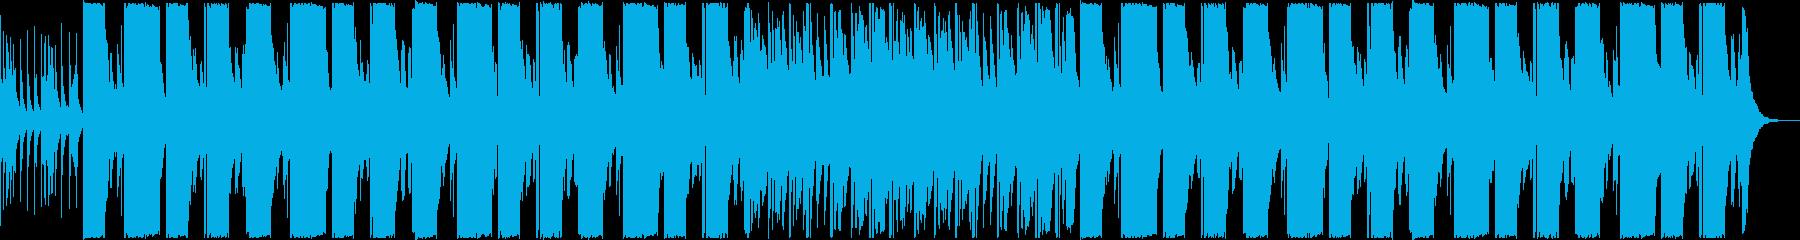 おしゃれで優雅なポップBGMの再生済みの波形